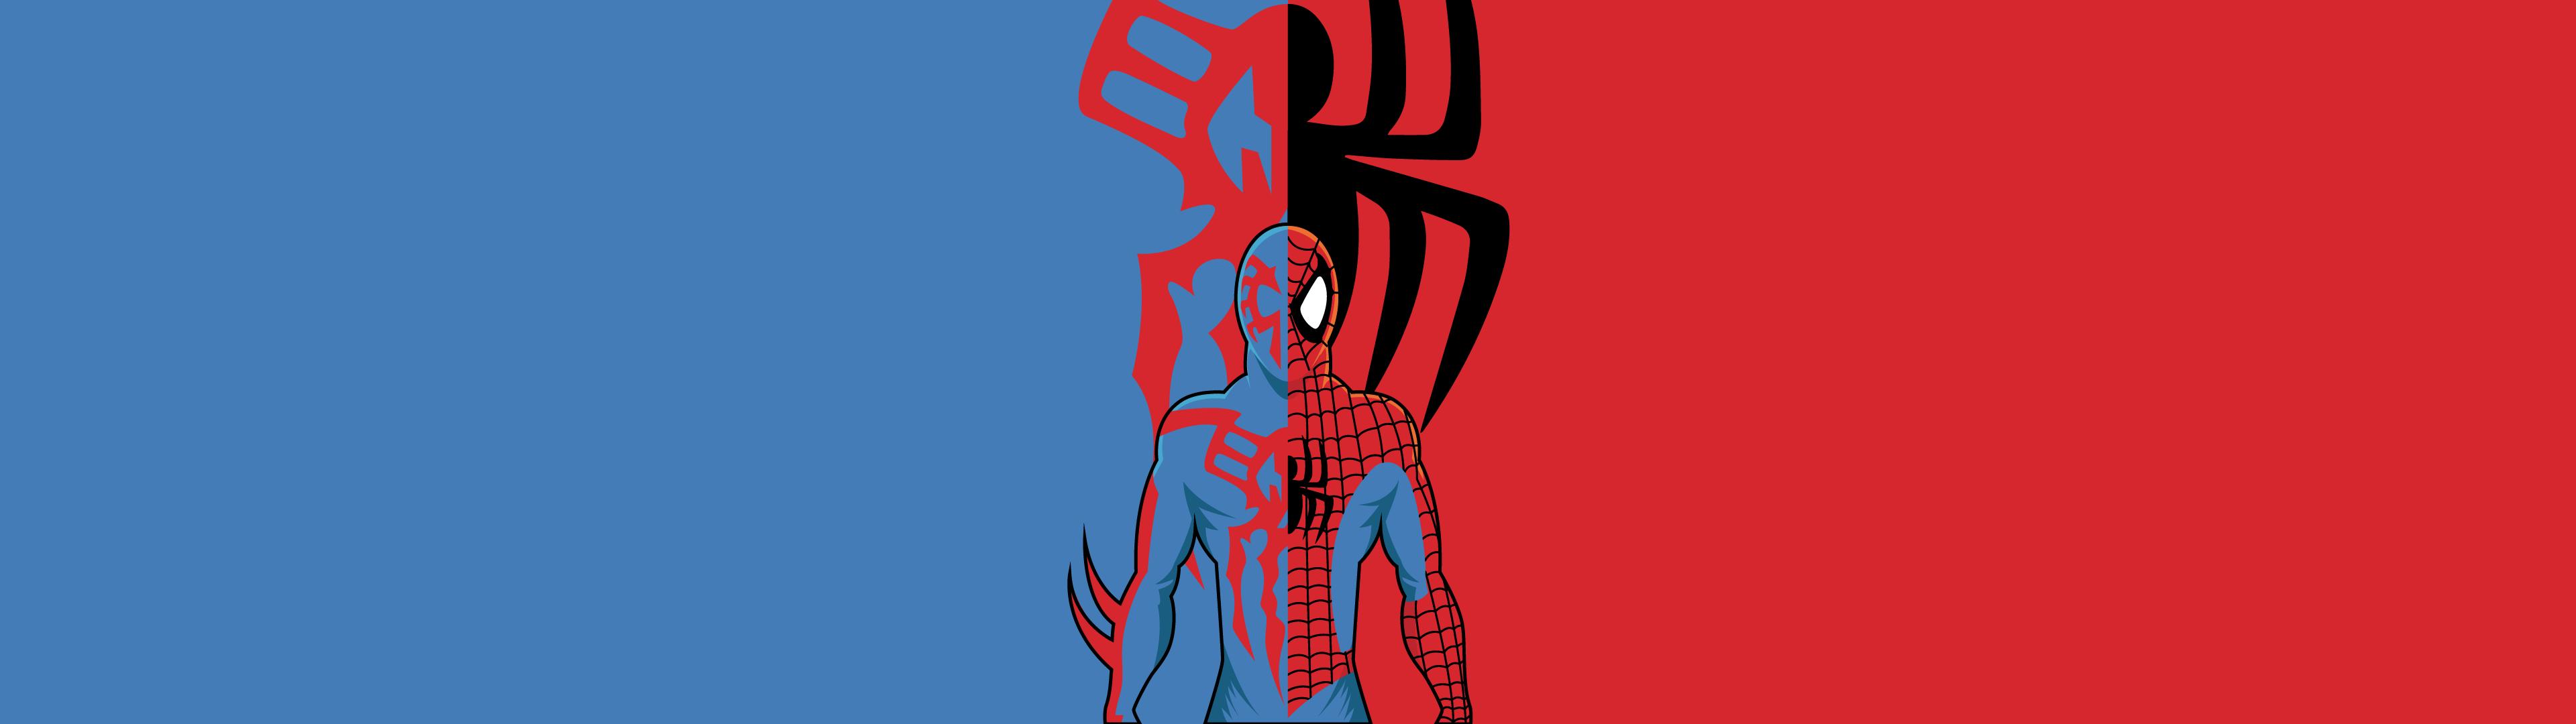 デスクトップ壁紙 図 旗 スーパーヒーロー マーベルコミックス